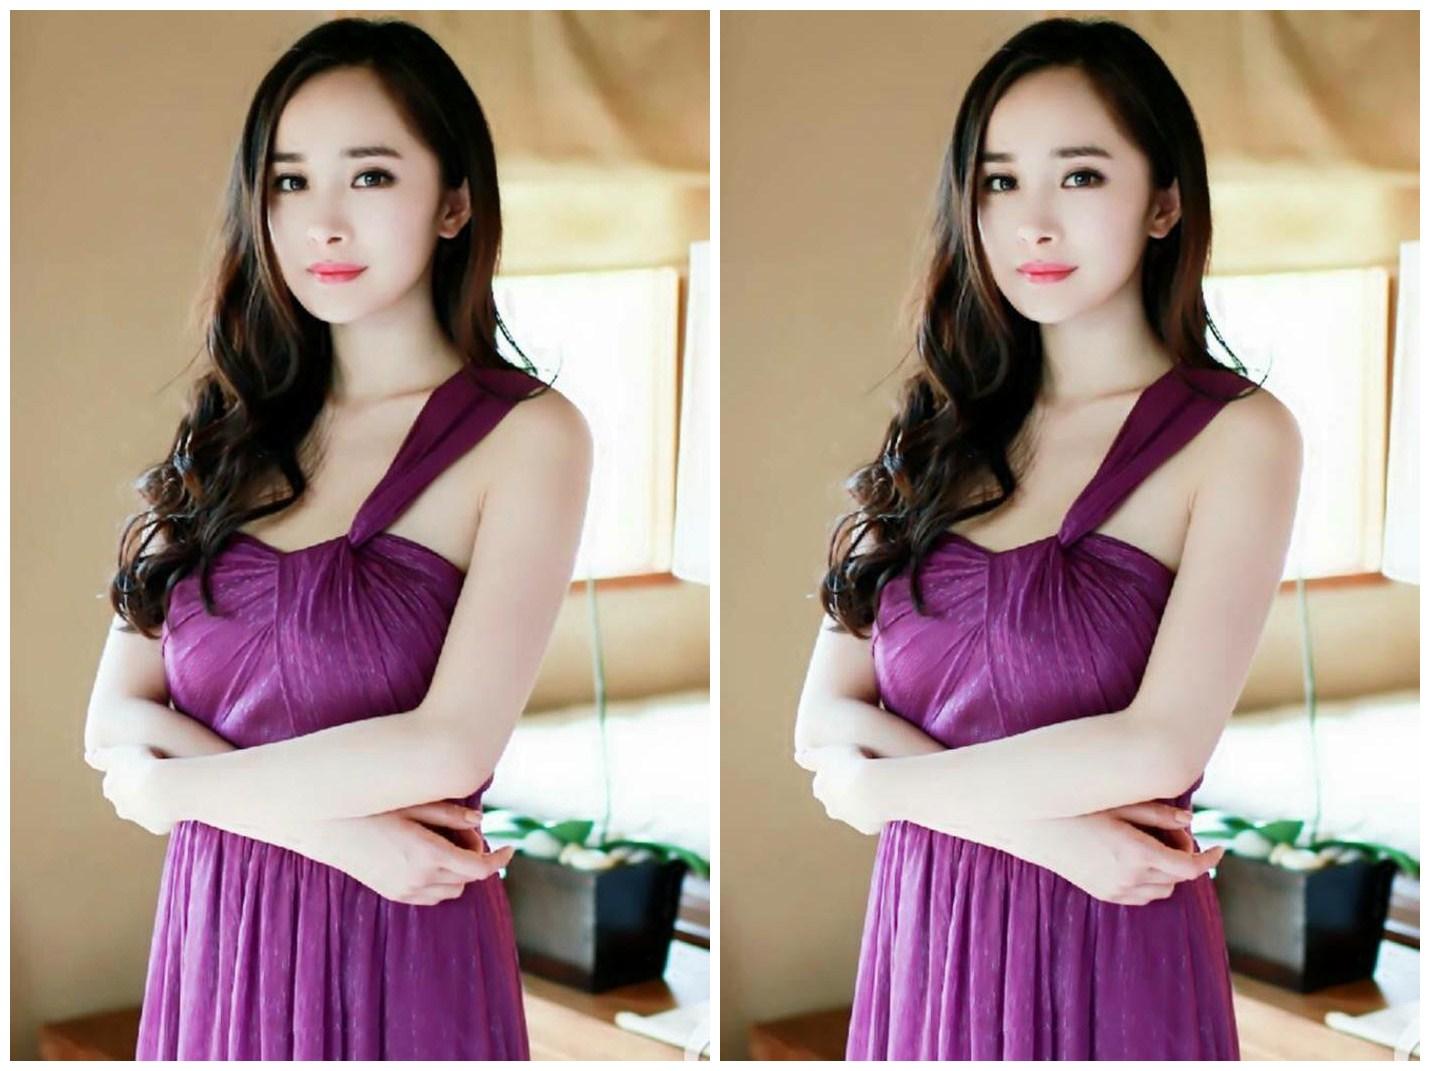 赵丽颖与杨幂穿紫色礼服差异大,一个优雅一个尴尬